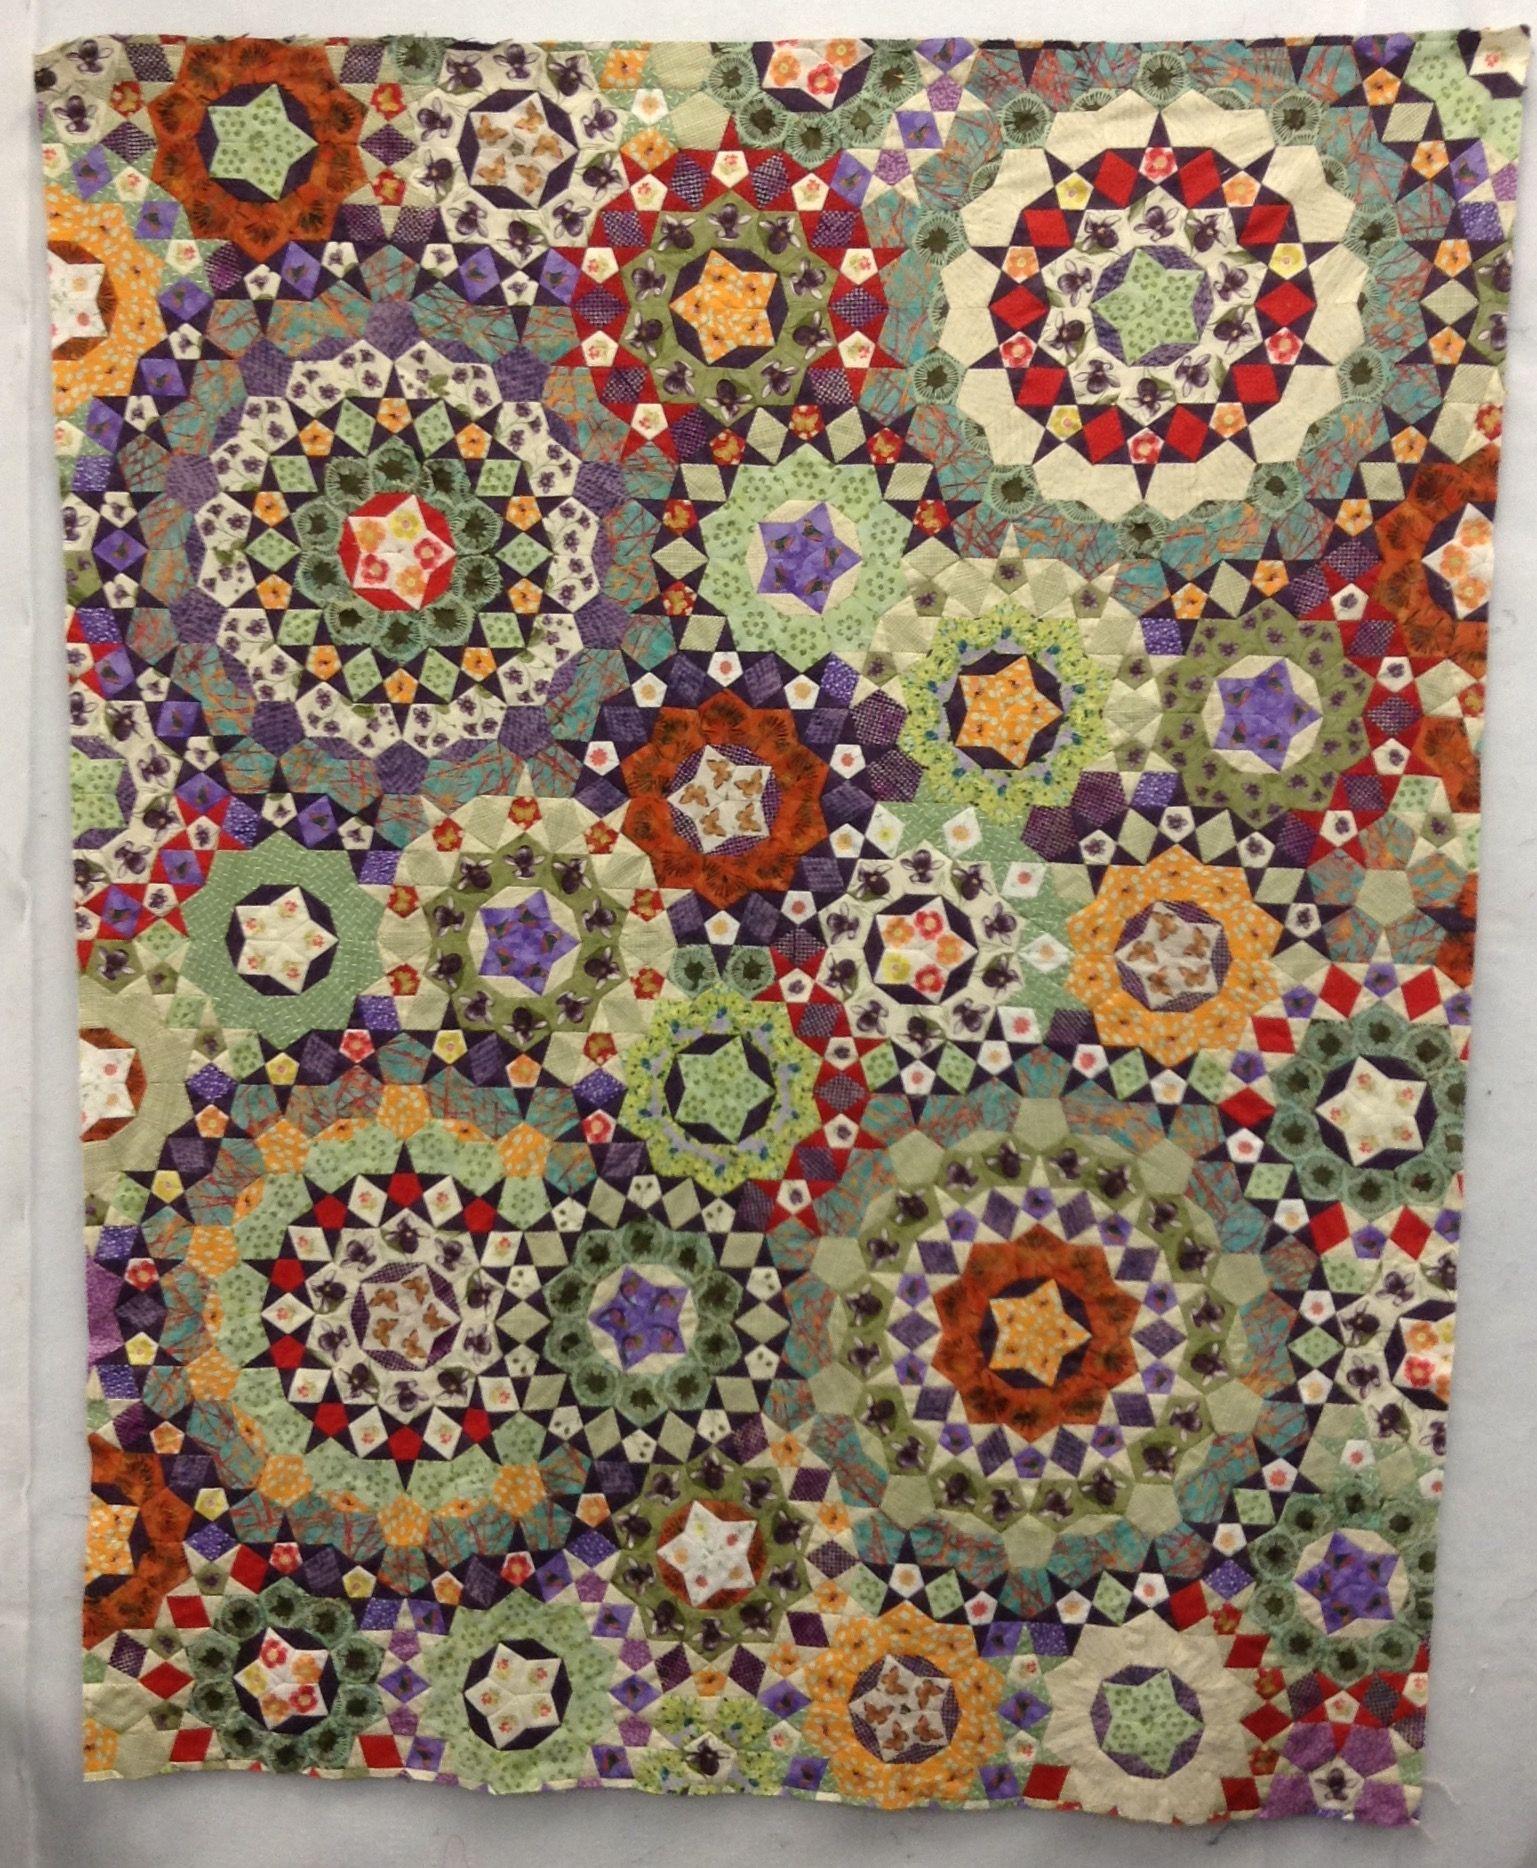 Pin von Judy-Lynne Peters auf Passacaglia | Pinterest